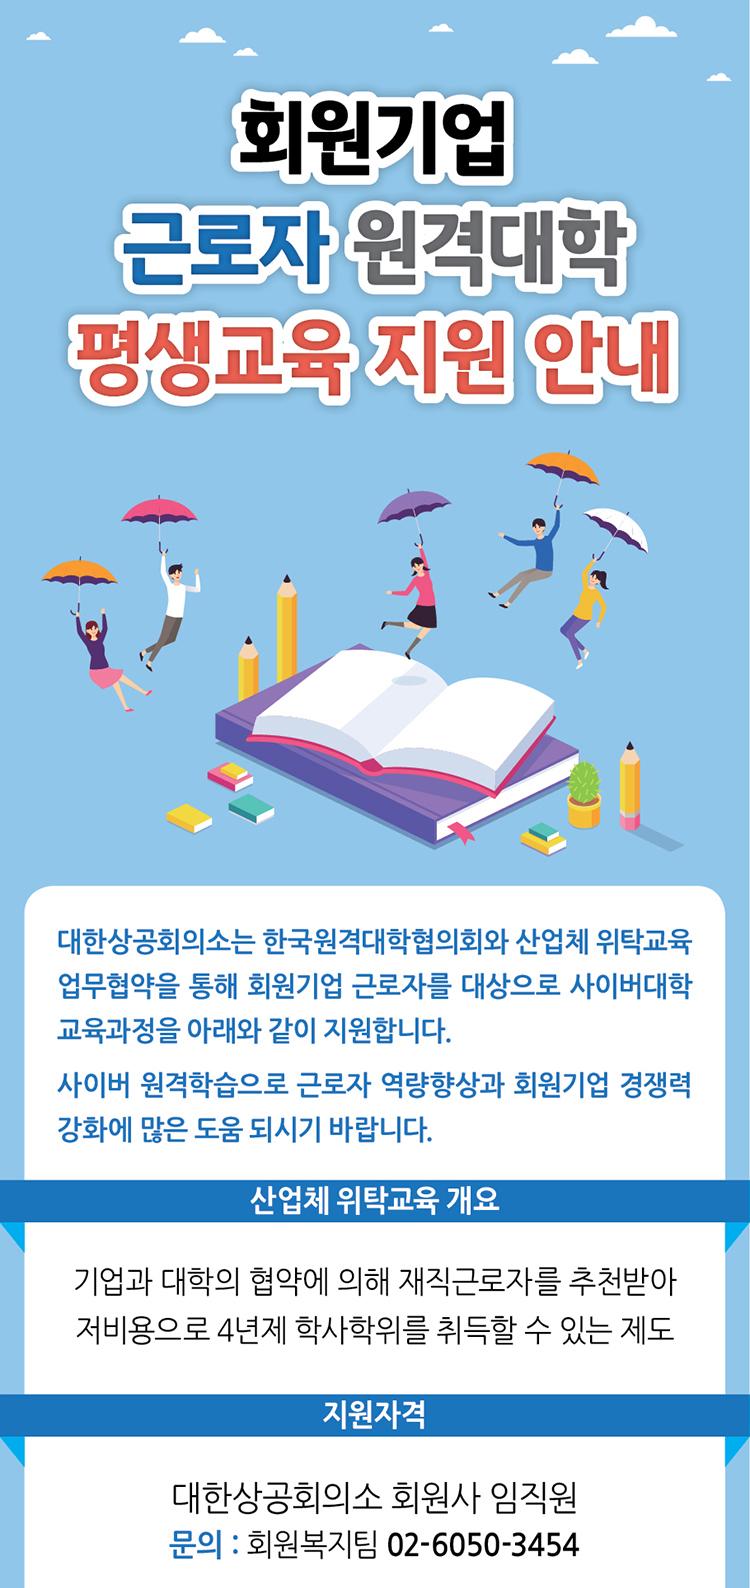 회원기업 근로자 원격대학 평생교육 지원 안내제